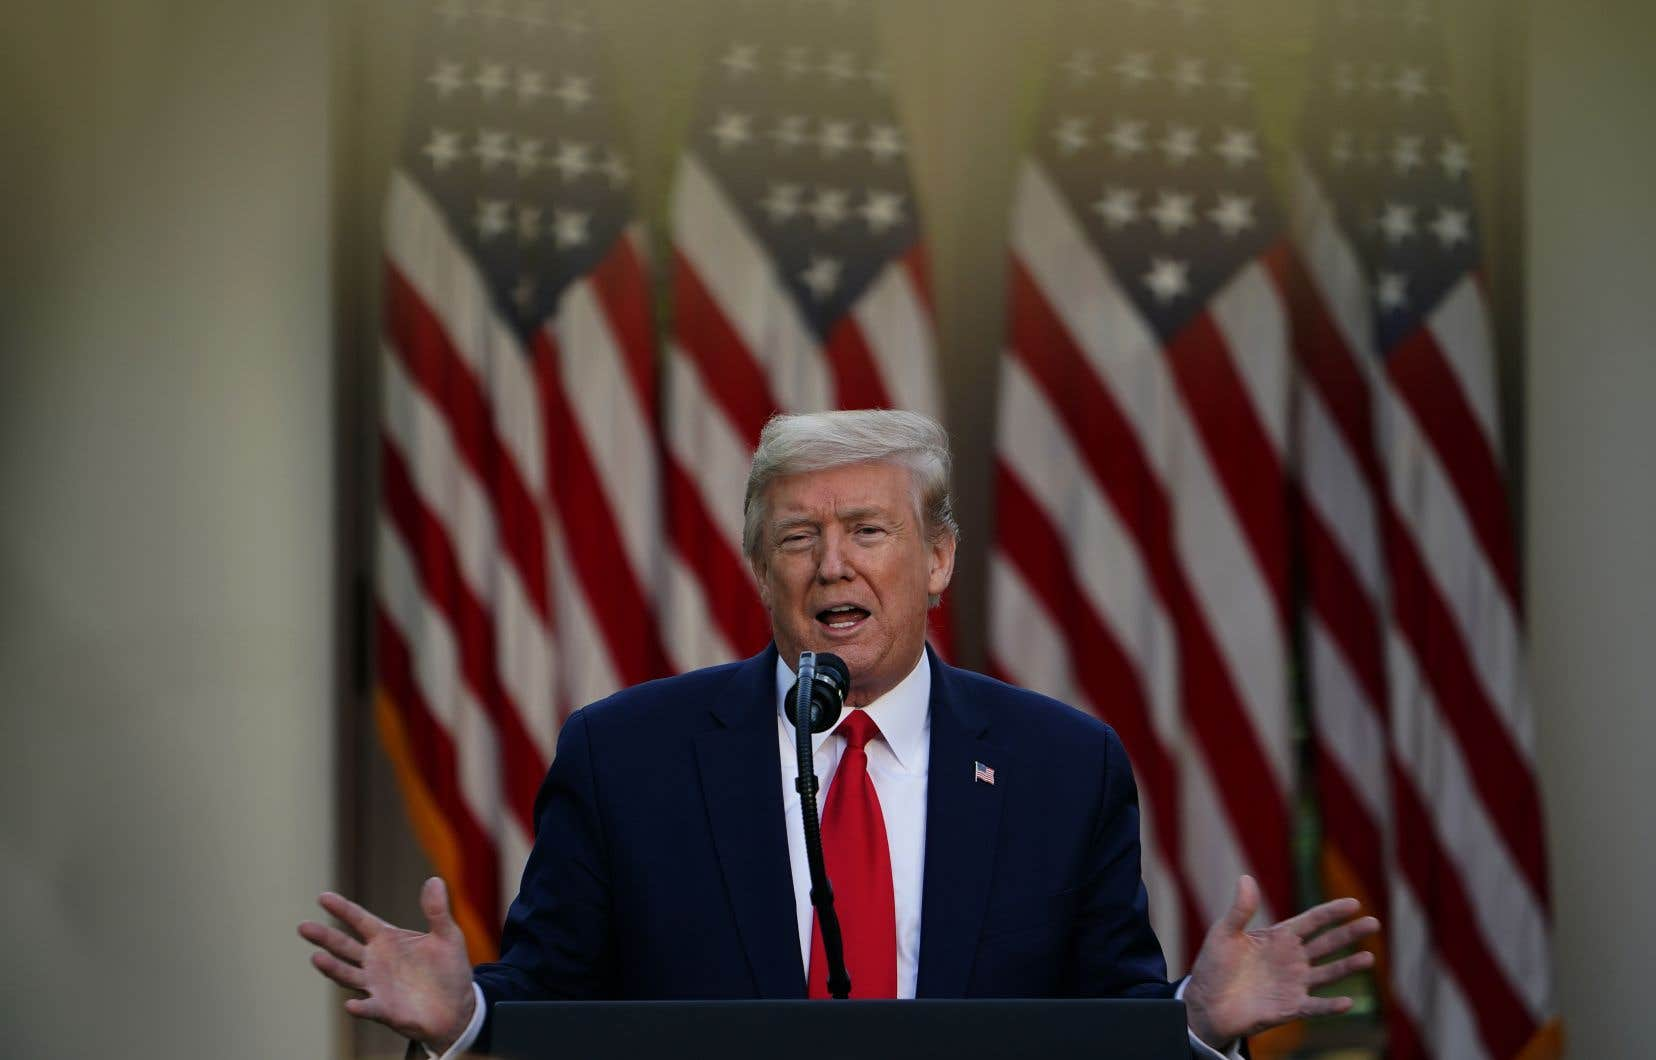 Les atermoiements du président Donald Trump traduisent des tensions au sein de son équipe sur la meilleure stratégie à adopter face au coronavirus.